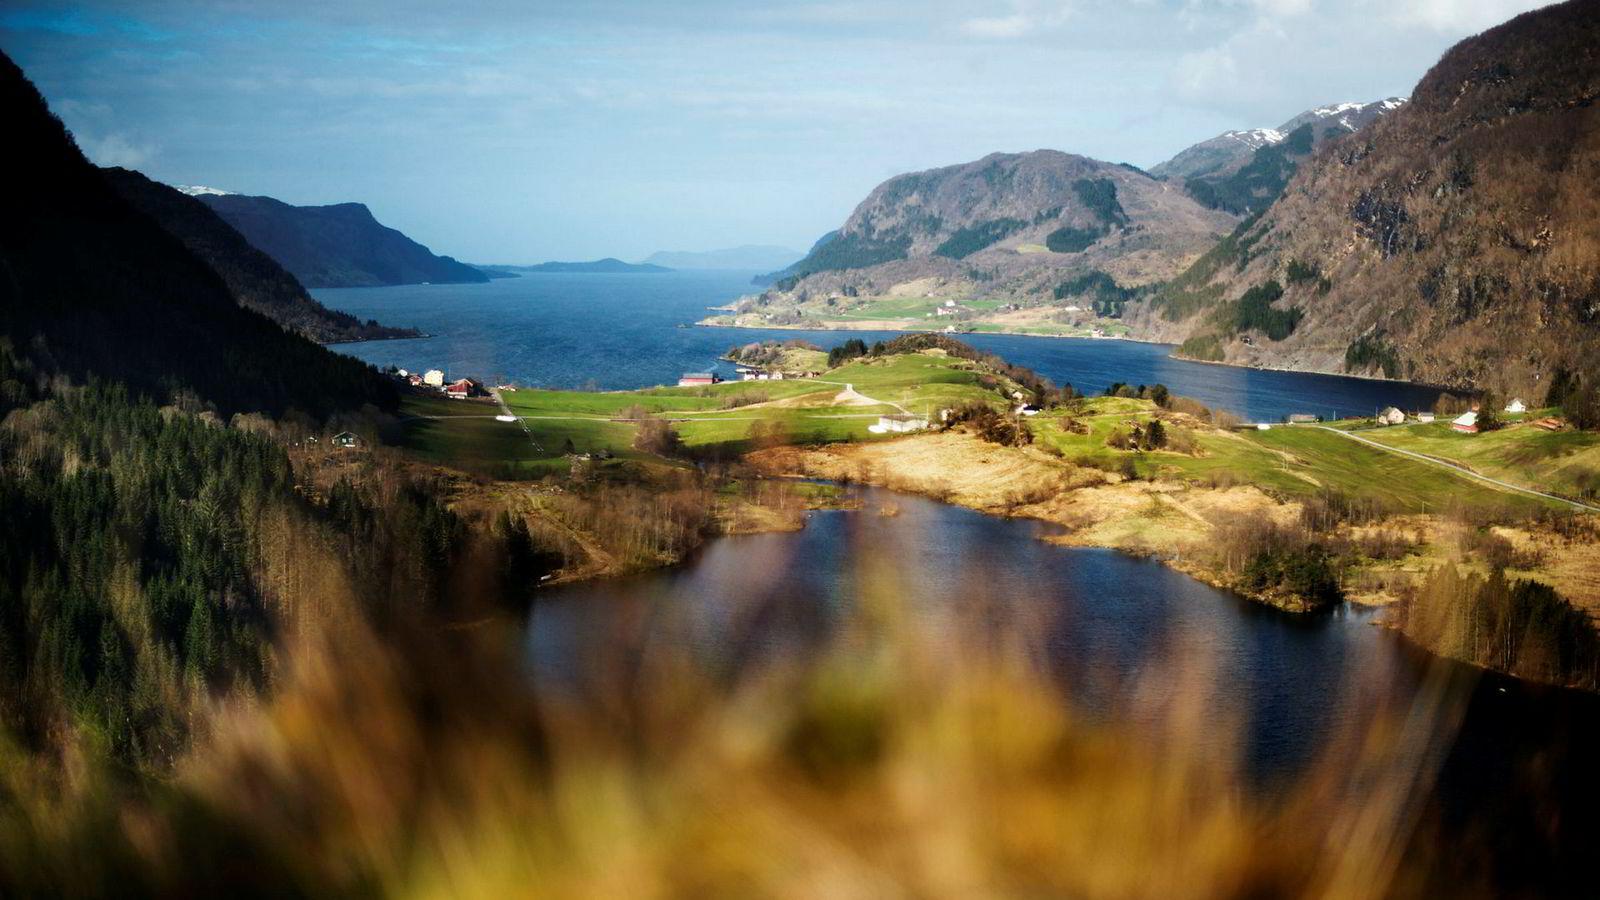 Klima- og miljødepartementet har gitt Nordic Mining tillatelse til sjødeponi her i Førdefjorden fra den planlagte gruvedriften i Engebøfjellet (fjellet i midten), men nå vil et tidligere styremedlem etablere underjordsgruve uten sjødeponi.